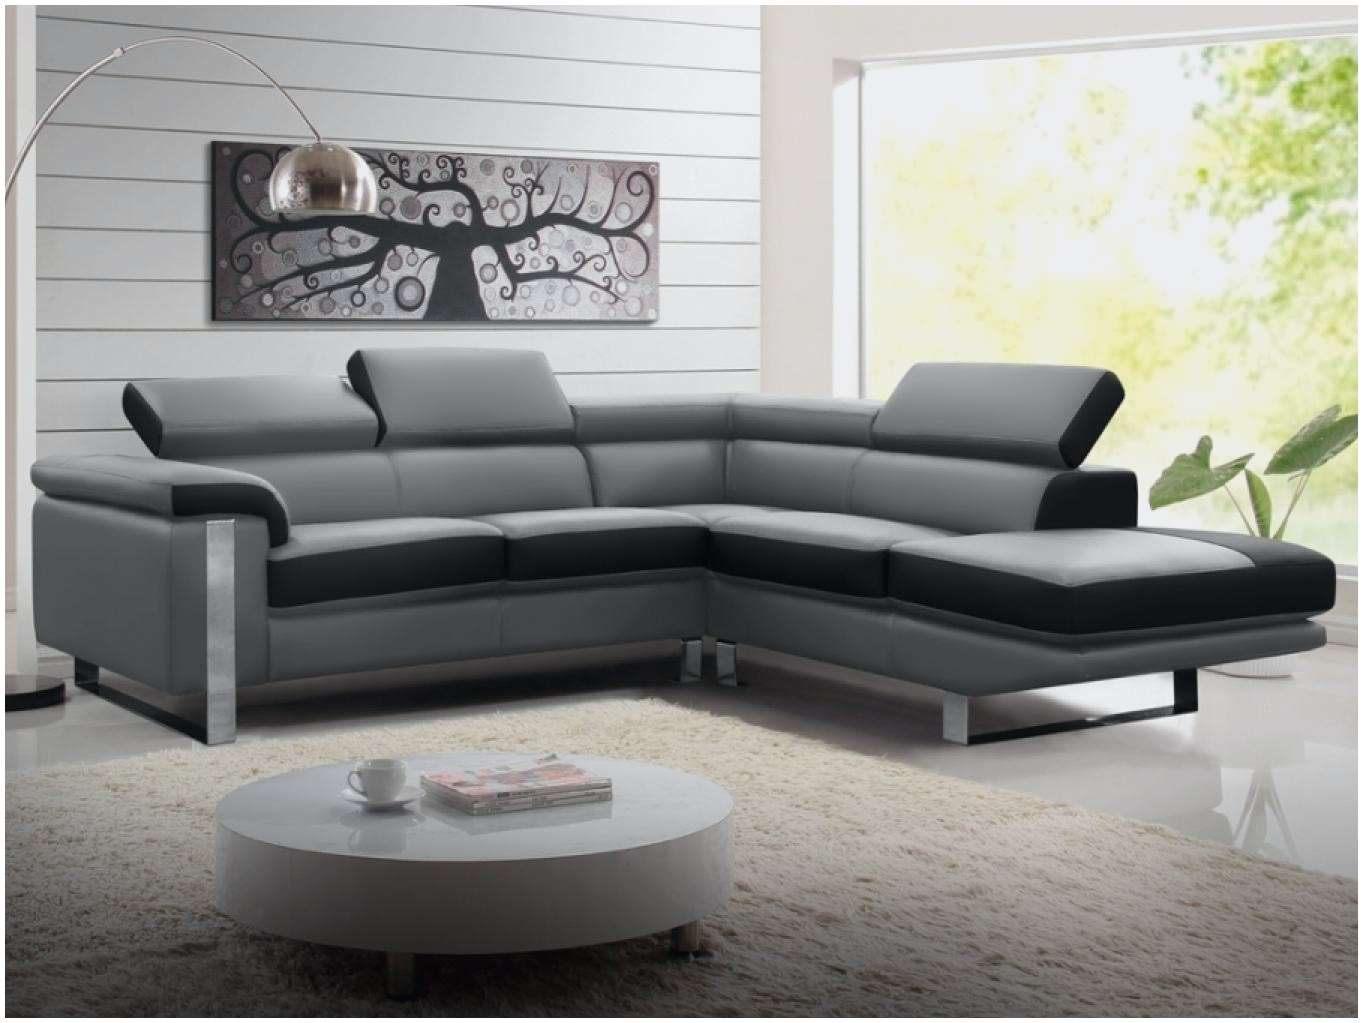 Canapé Lit Simili Cuir Luxe Nouveau Génial Canapé Salon Pour Choix Canapé Convertible Simili